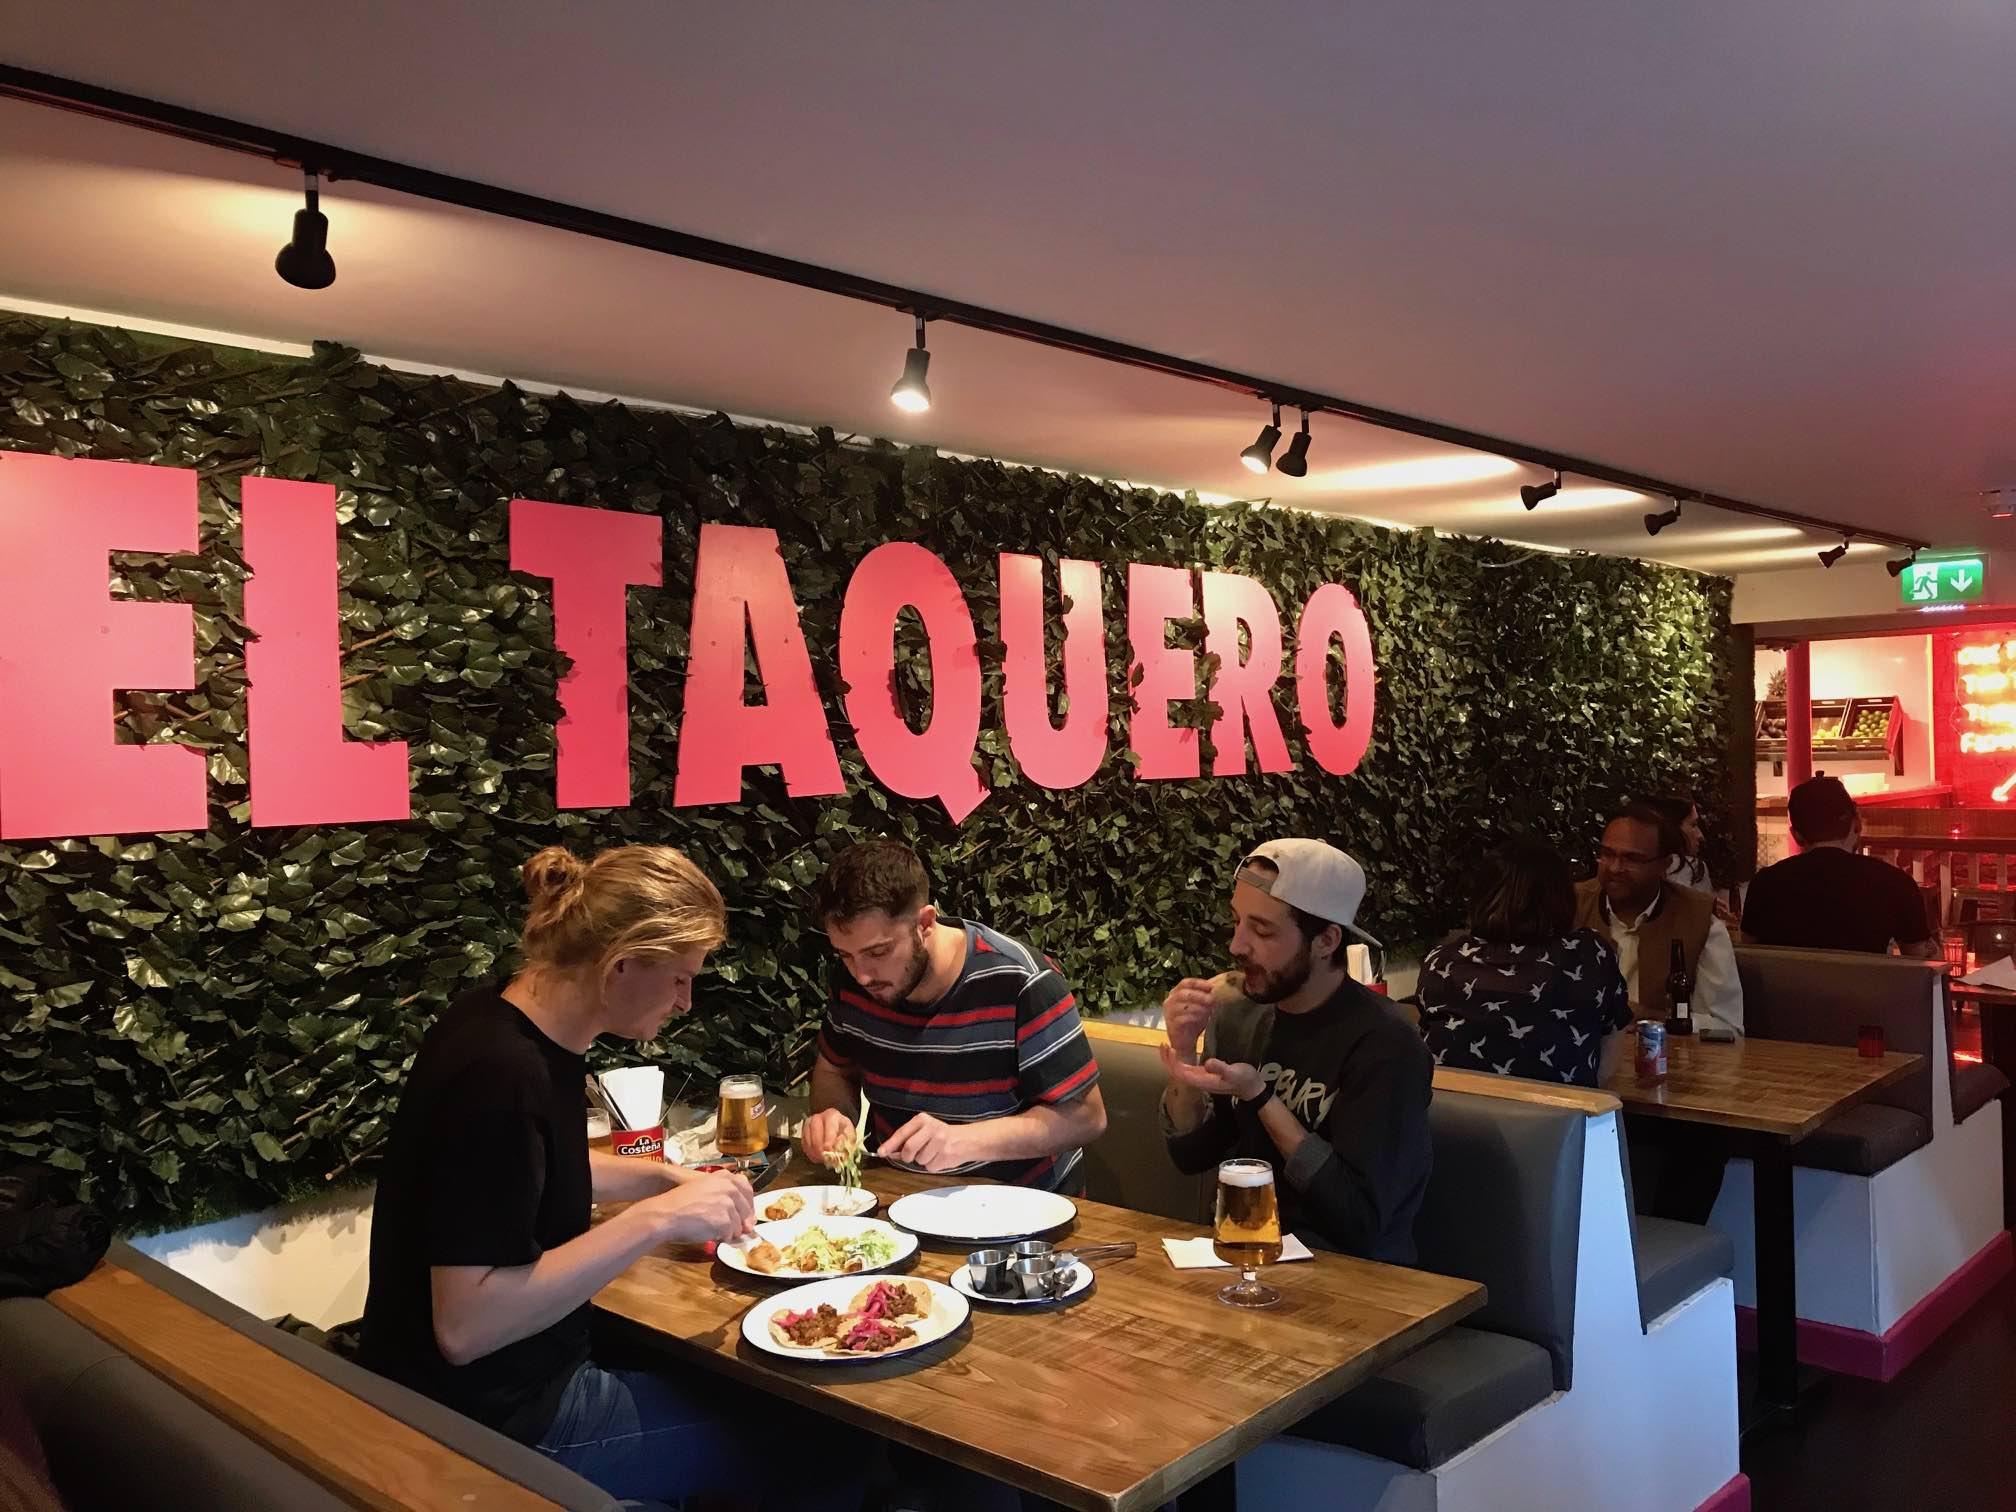 Taquero_interior.jpg